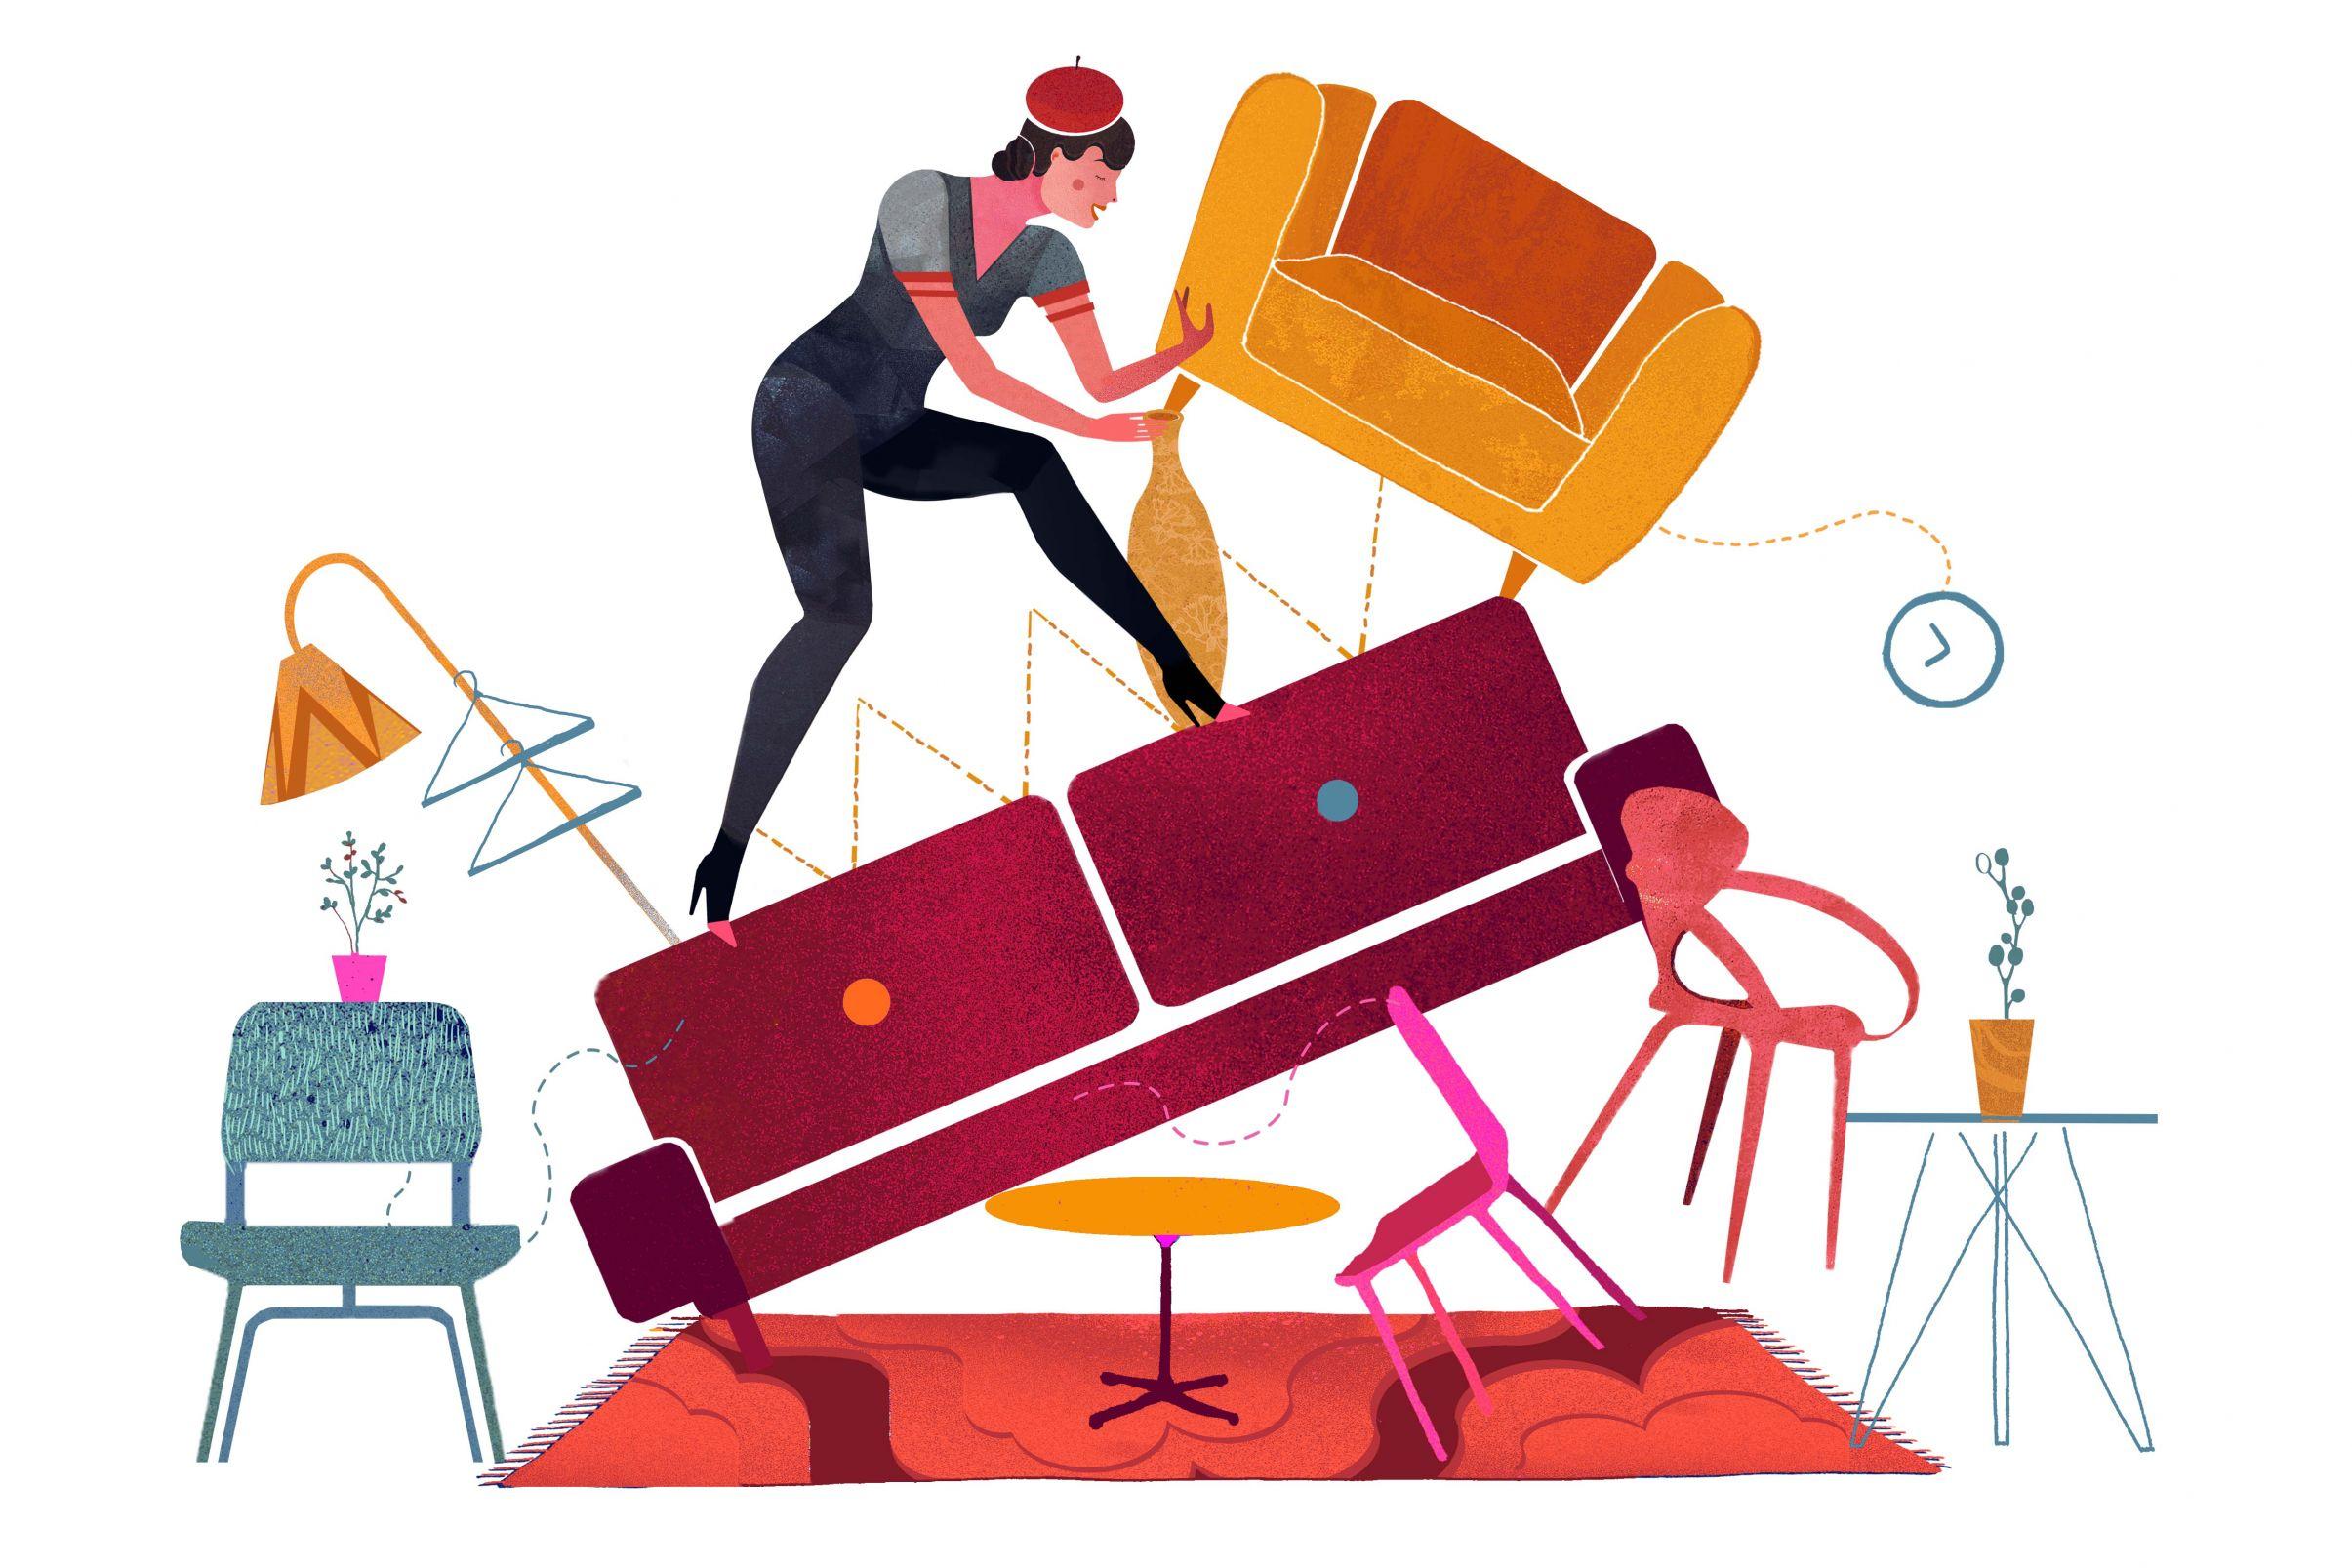 Tapeziervorbereitung Möbel ausräumen